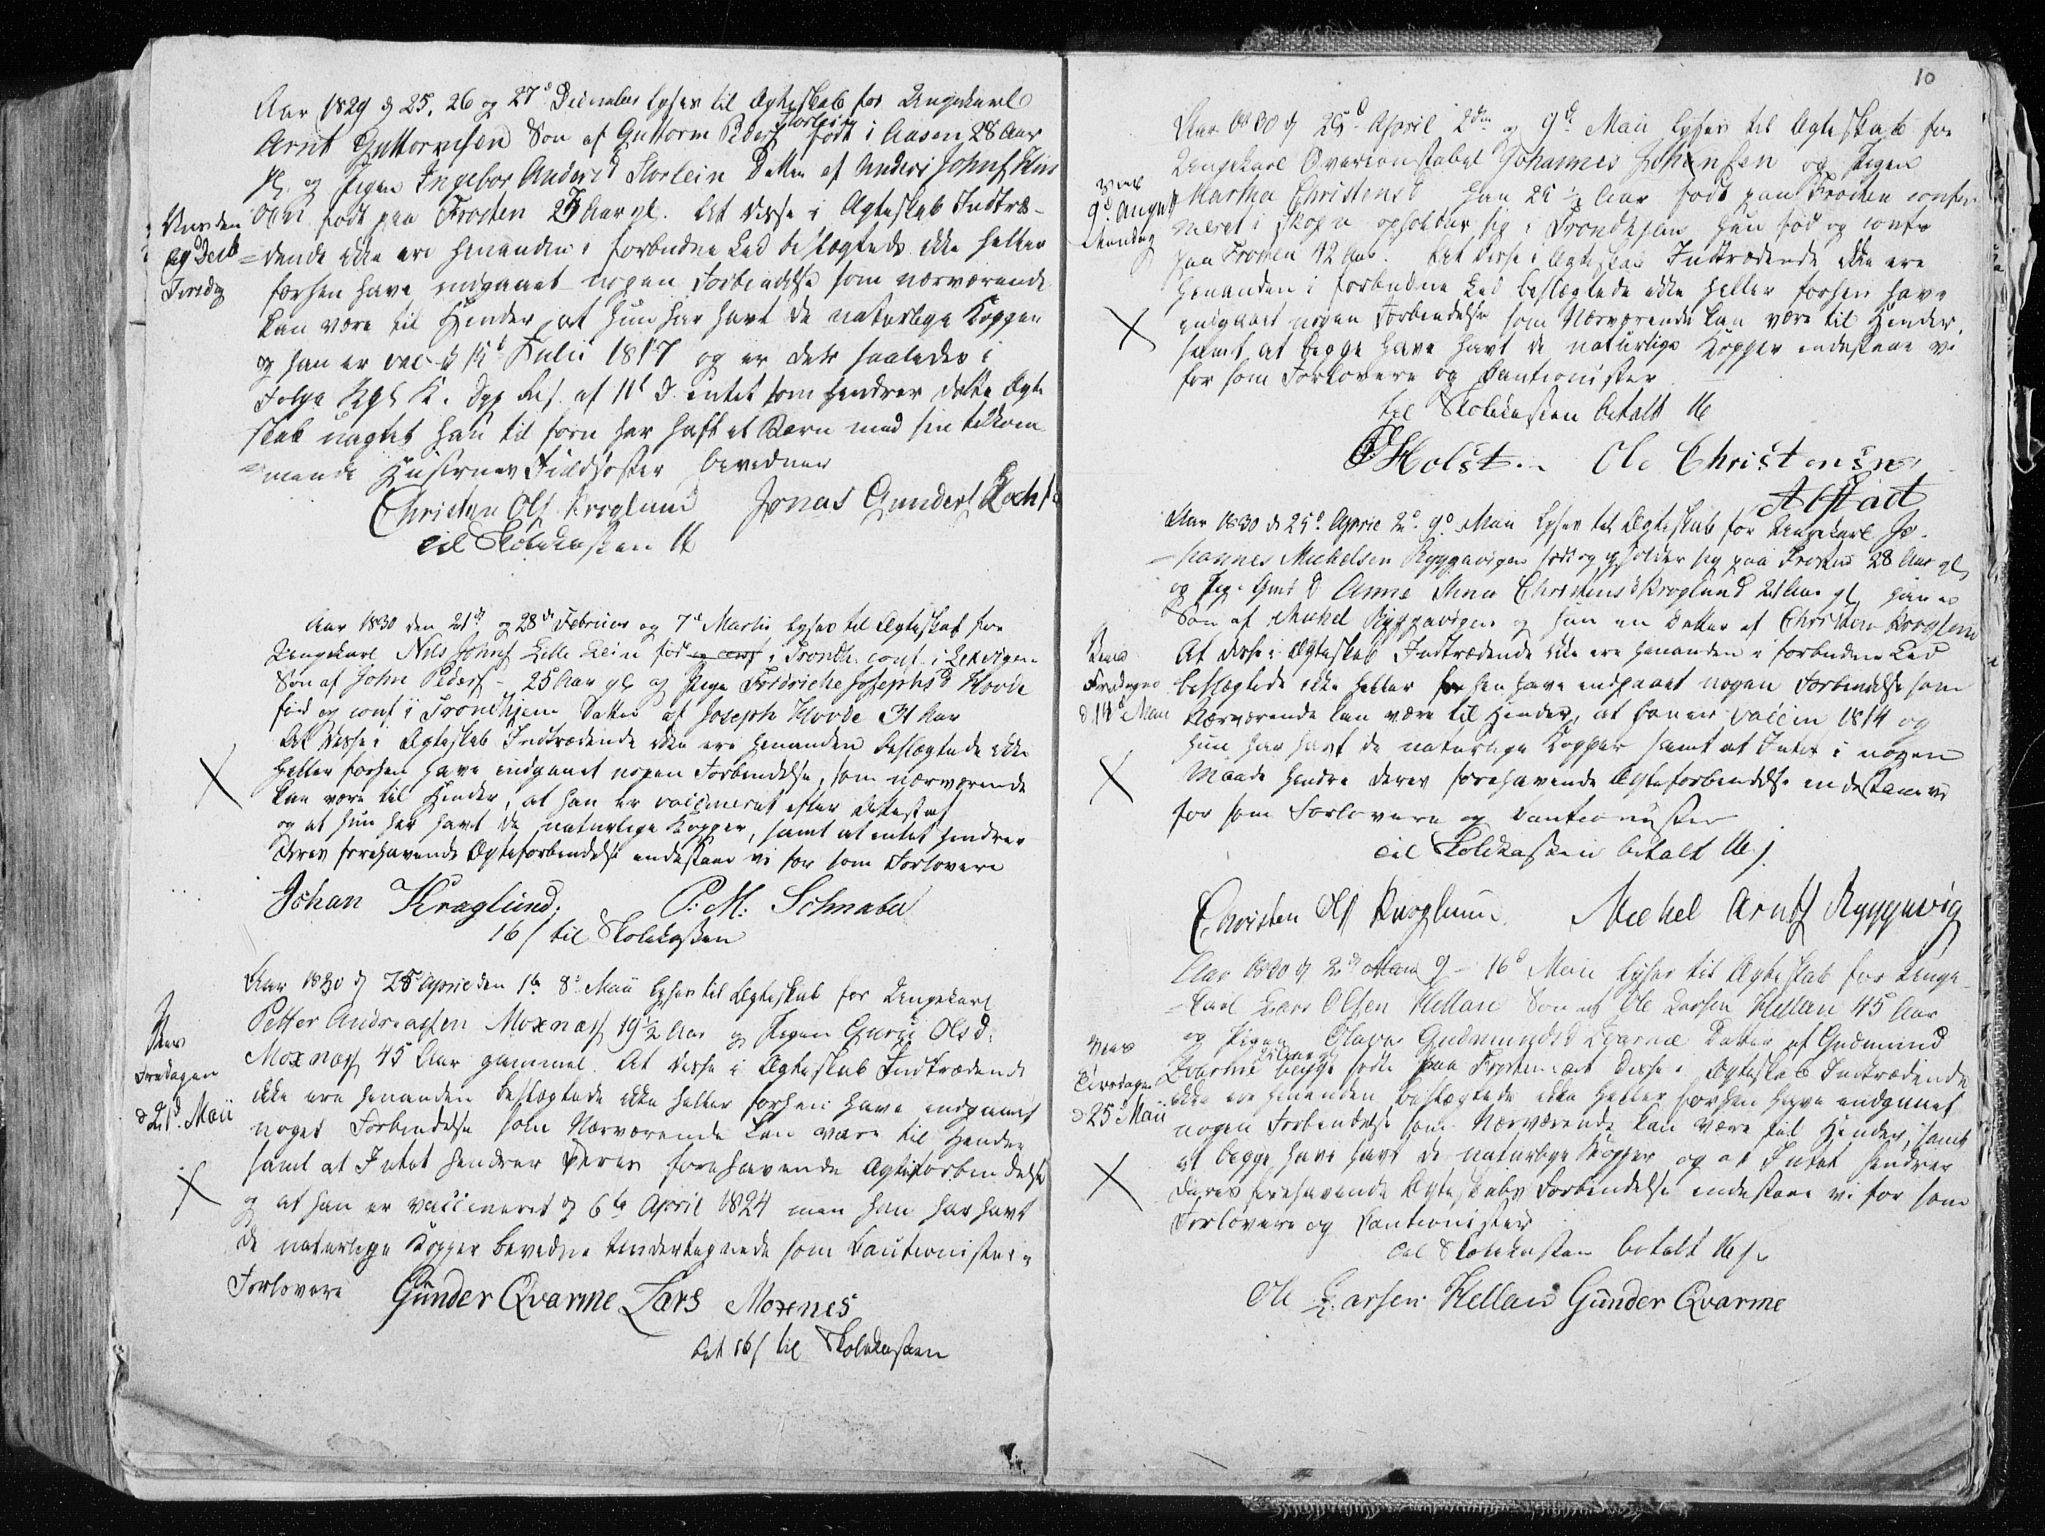 SAT, Ministerialprotokoller, klokkerbøker og fødselsregistre - Nord-Trøndelag, 713/L0114: Ministerialbok nr. 713A05, 1827-1839, s. 10